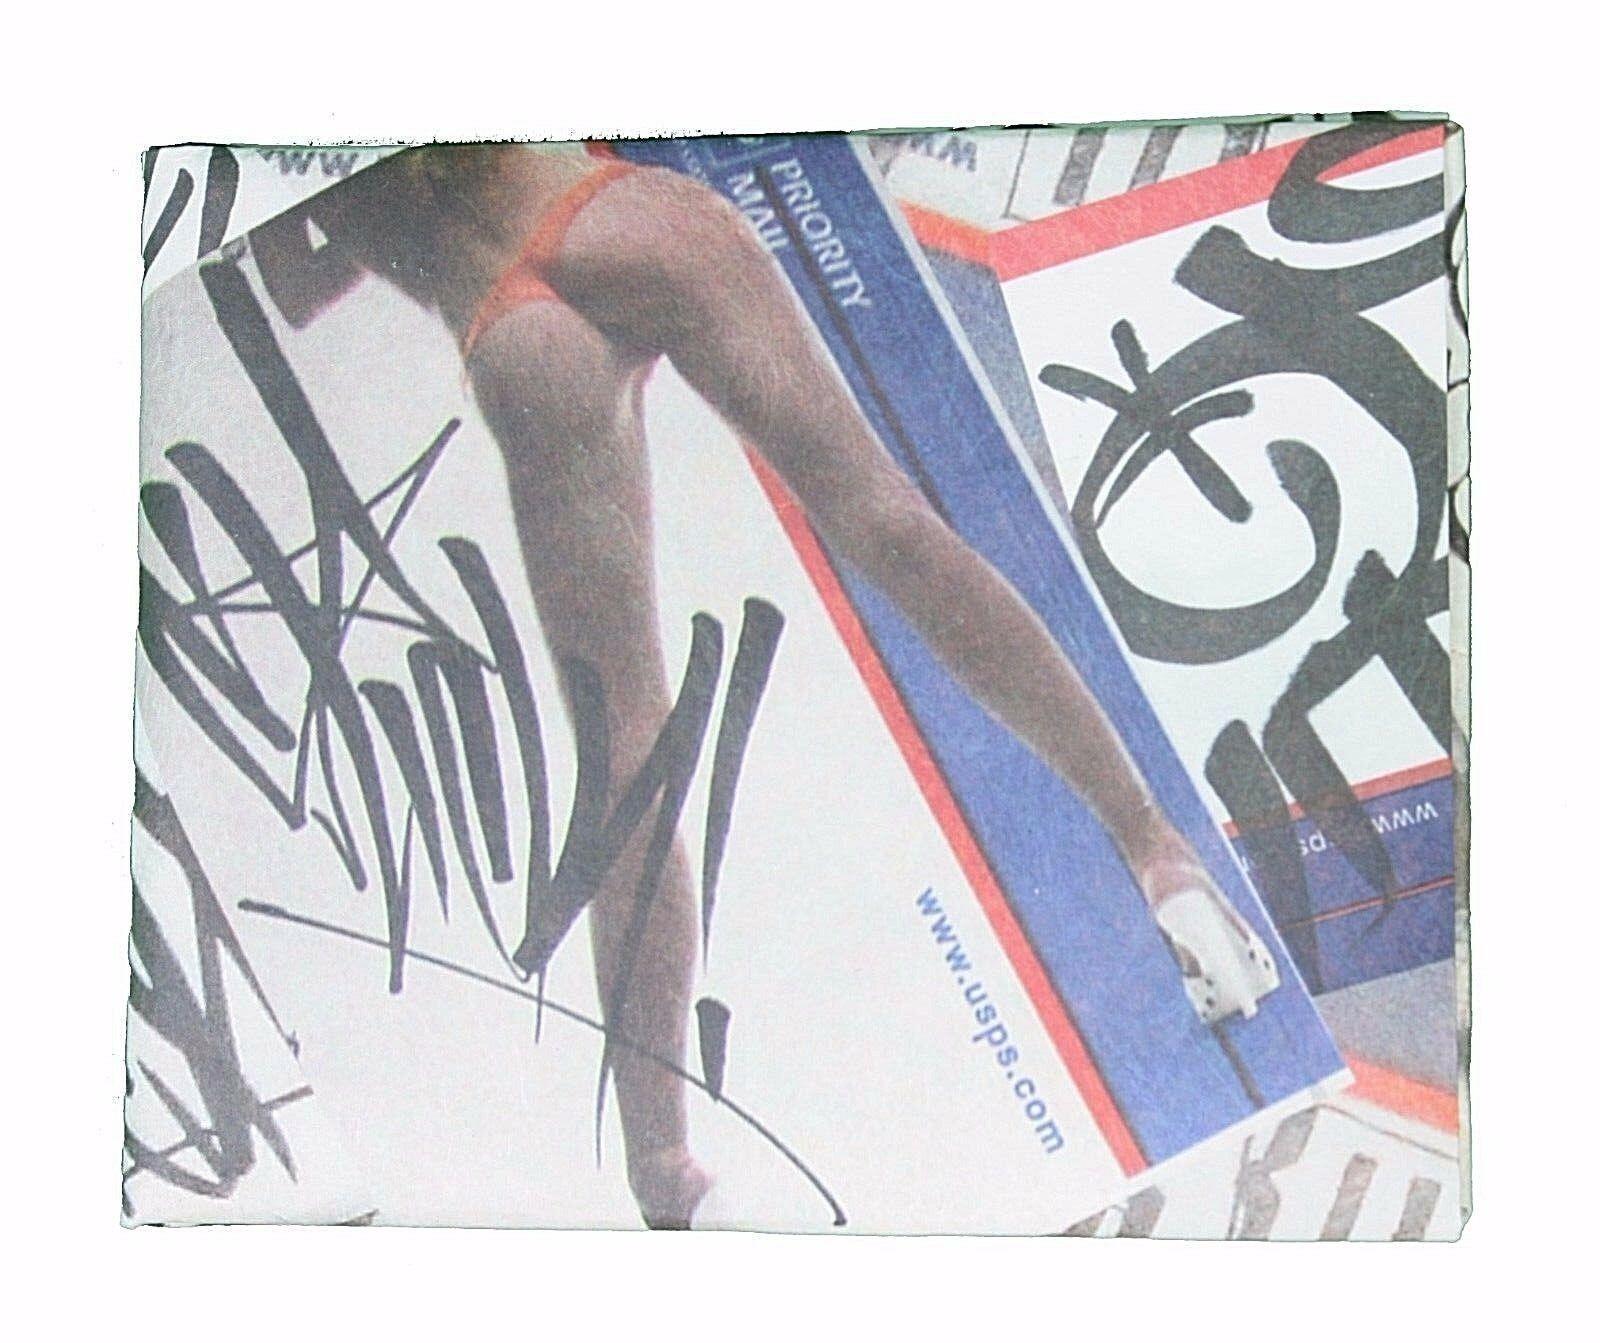 Dissizit La Postal Sexy Beine & Arsch Wasserfest Geldbörse Geld Tyvek Etui Neu